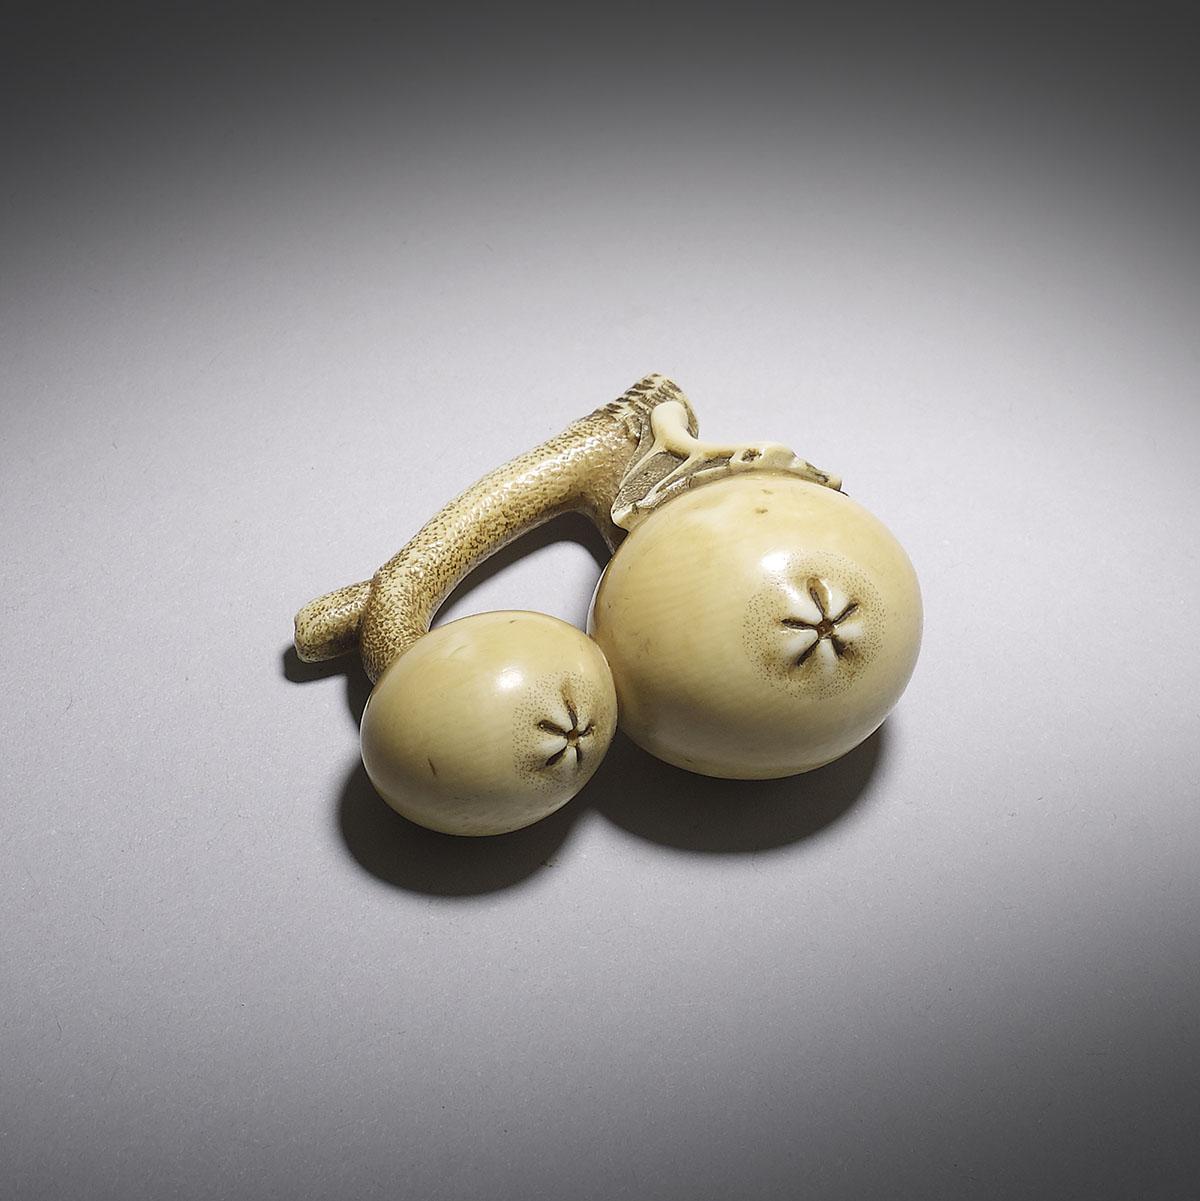 Ohara Mitsuhiro, ivory netsuke of two biwa fruit